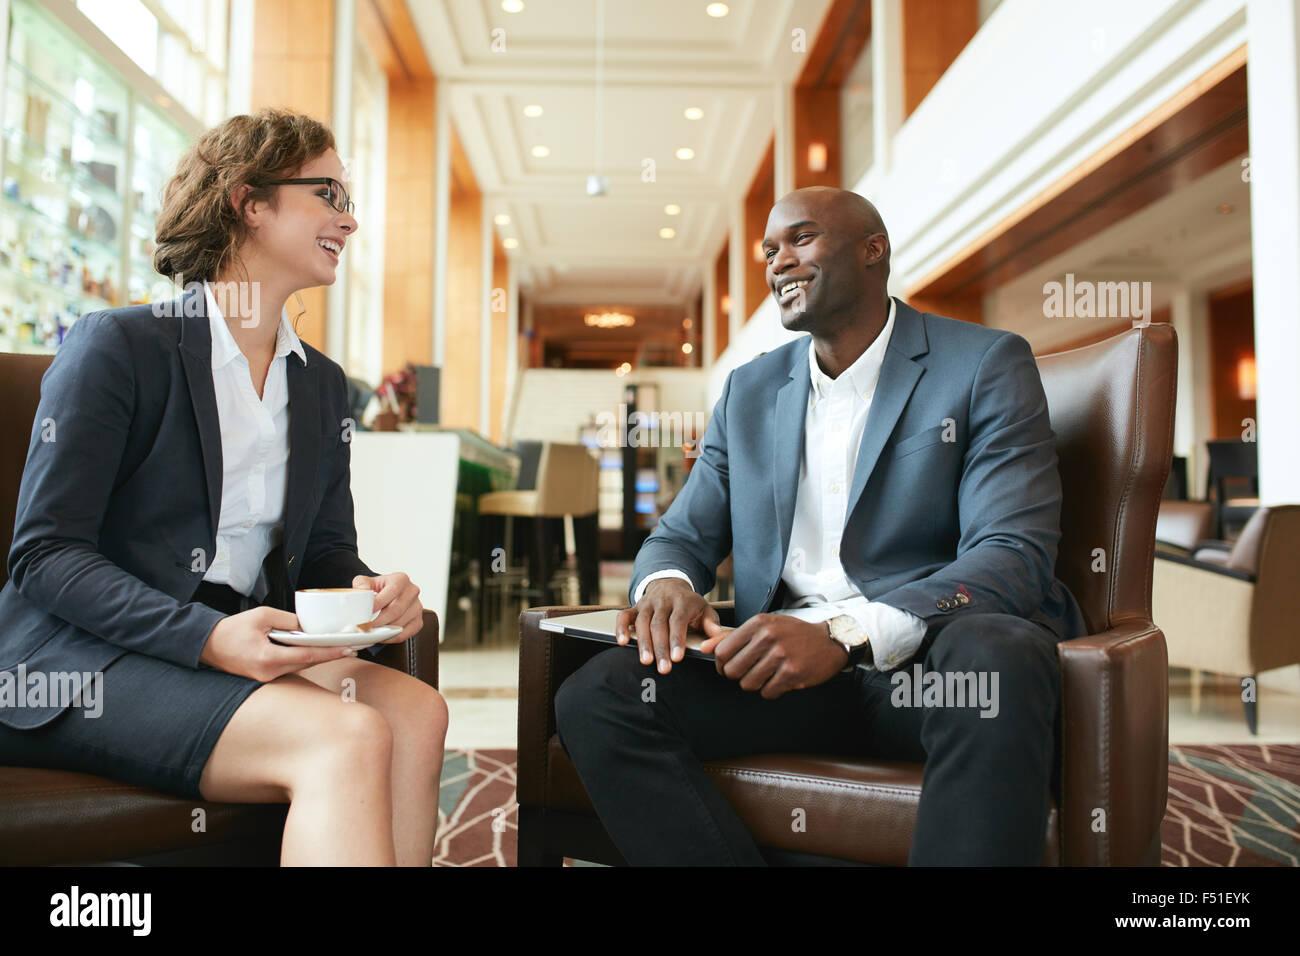 Retrato de feliz joven empresaria en reunión con el socio de negocios en el vestíbulo del hotel. Gente Imagen De Stock